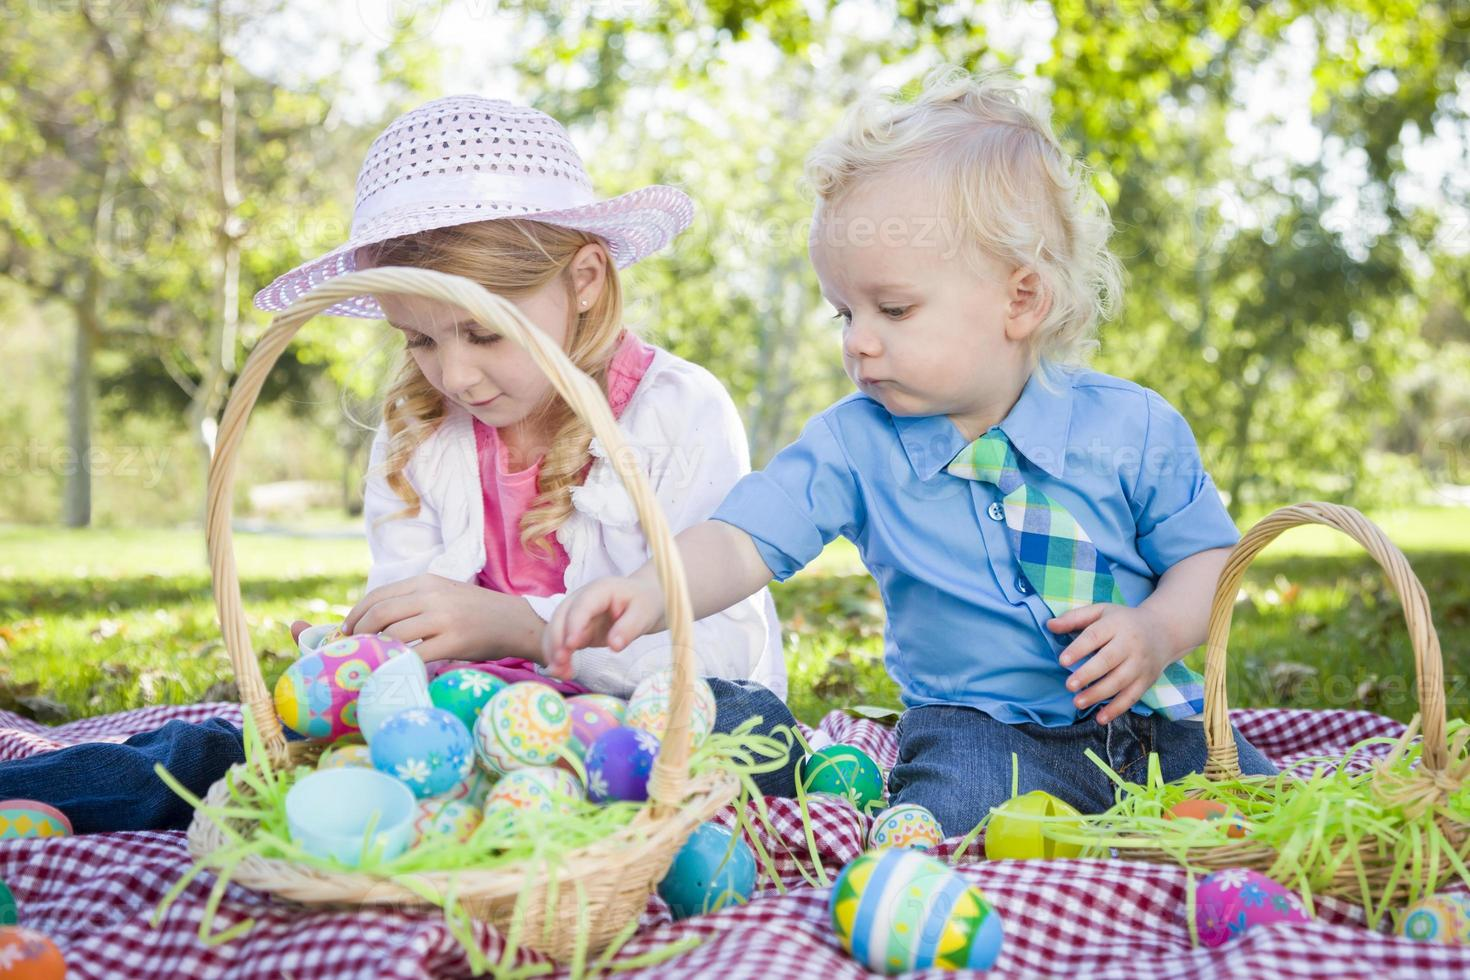 schattige jonge broer en zus genieten van hun paaseieren buiten foto